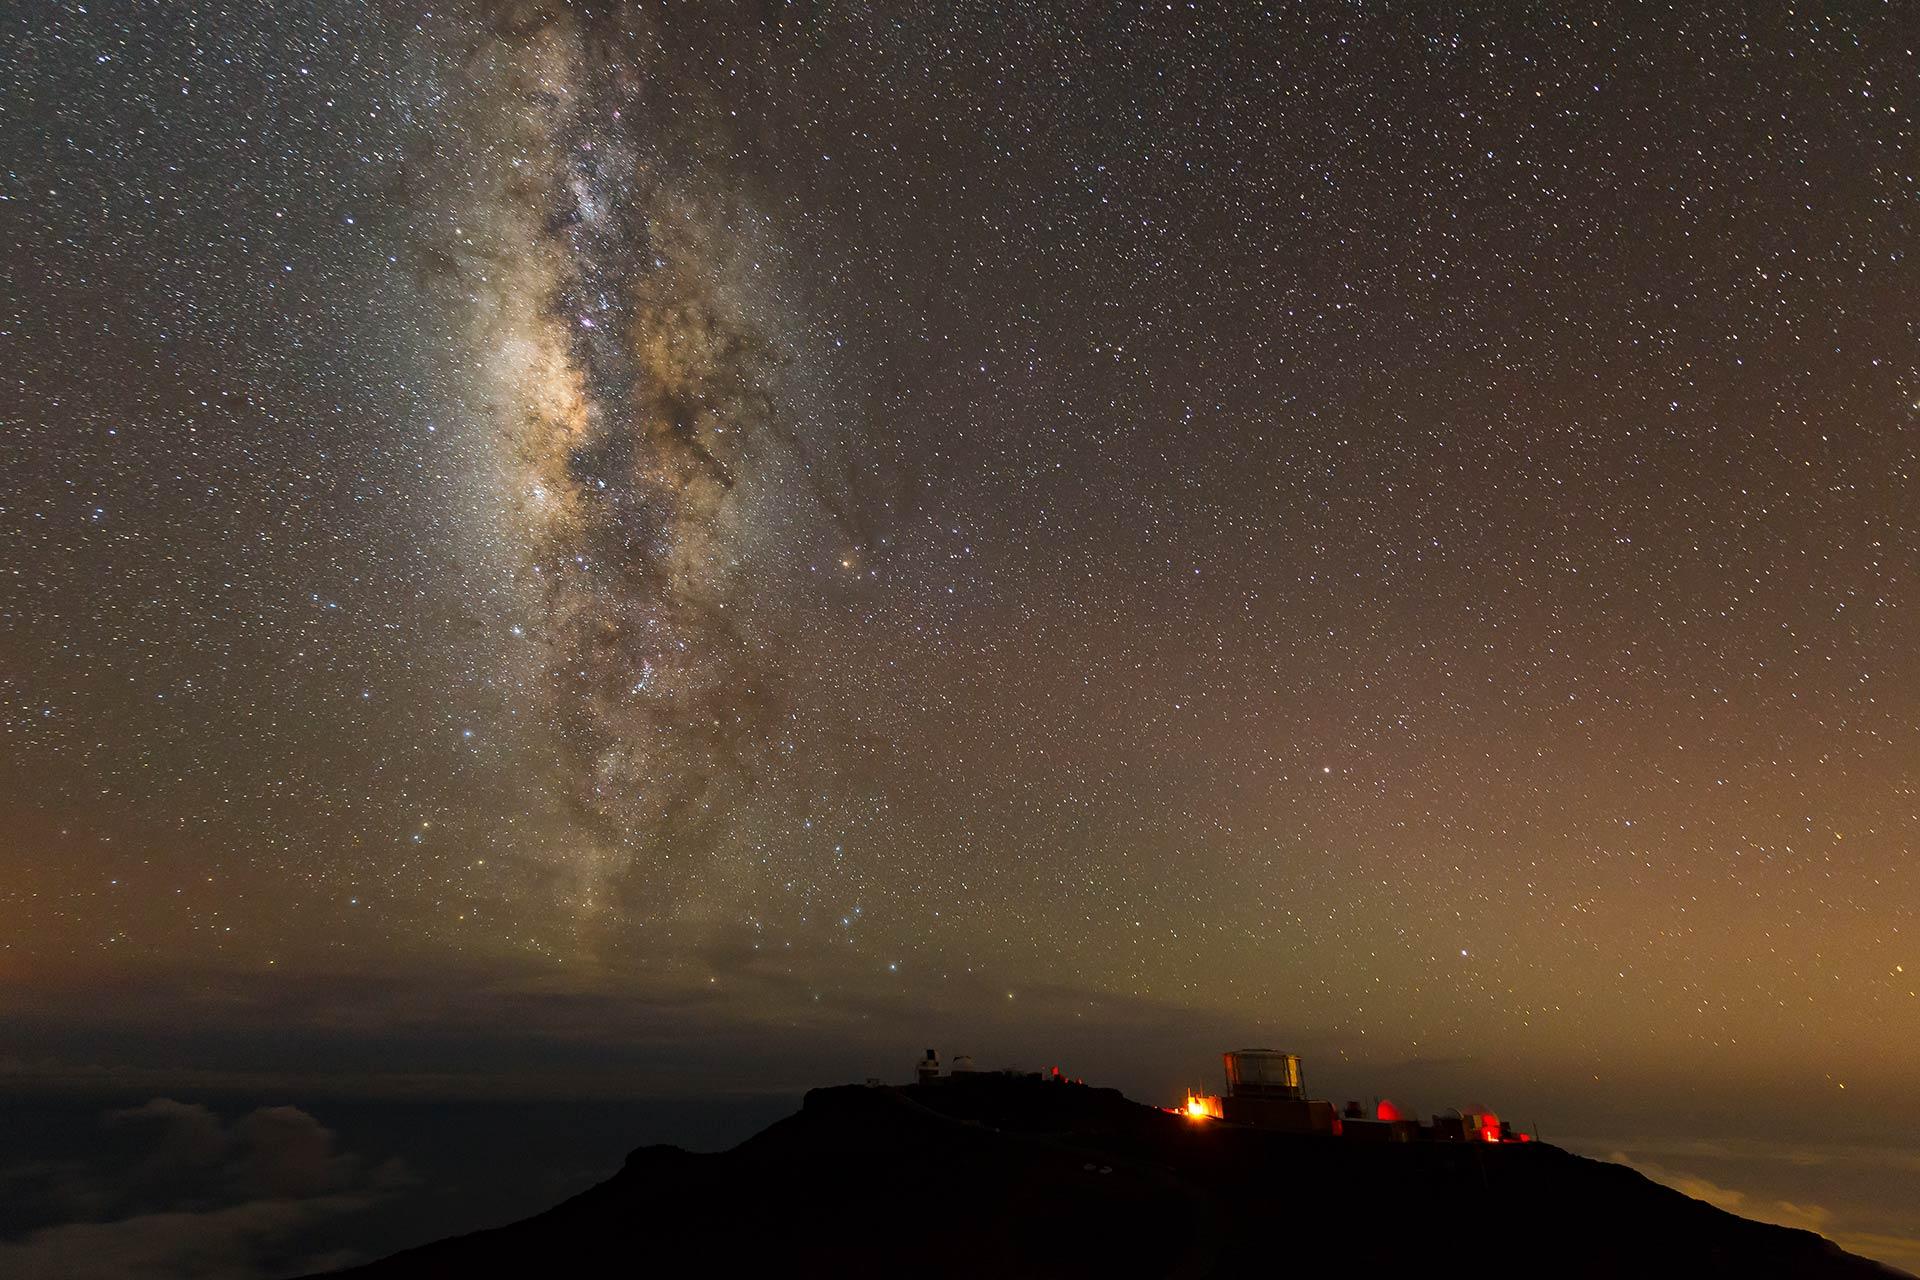 milky-way-night-sky-photography-maui-observatory